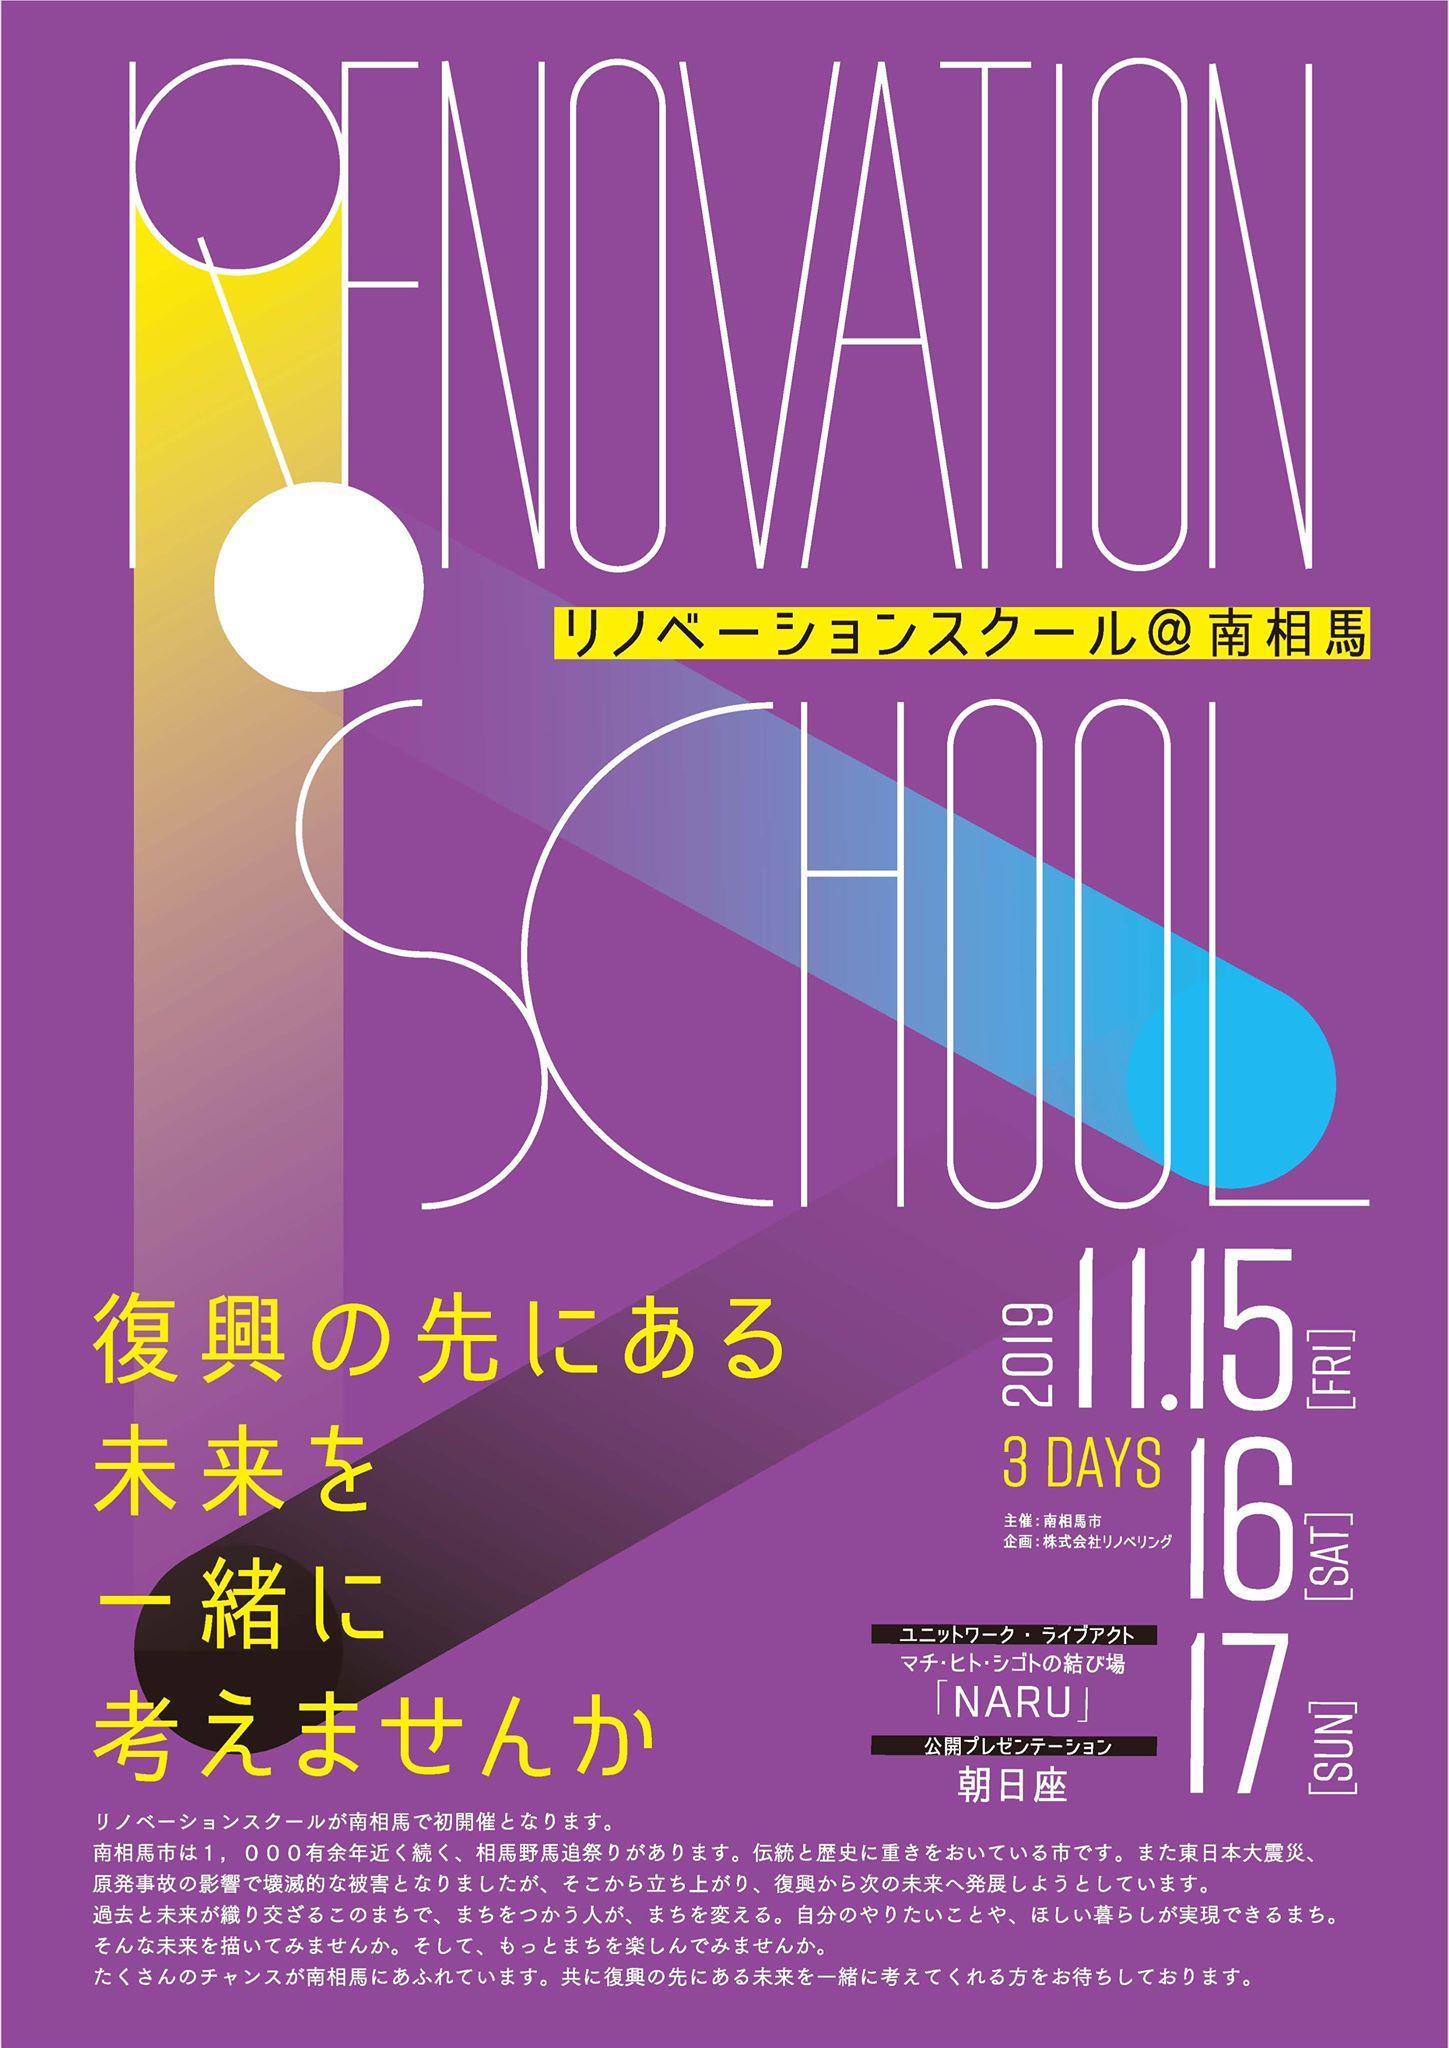 第1回リノベーションスクール@南相馬 @ マチ・ヒト・シゴトの結び場 NARU / 朝日座